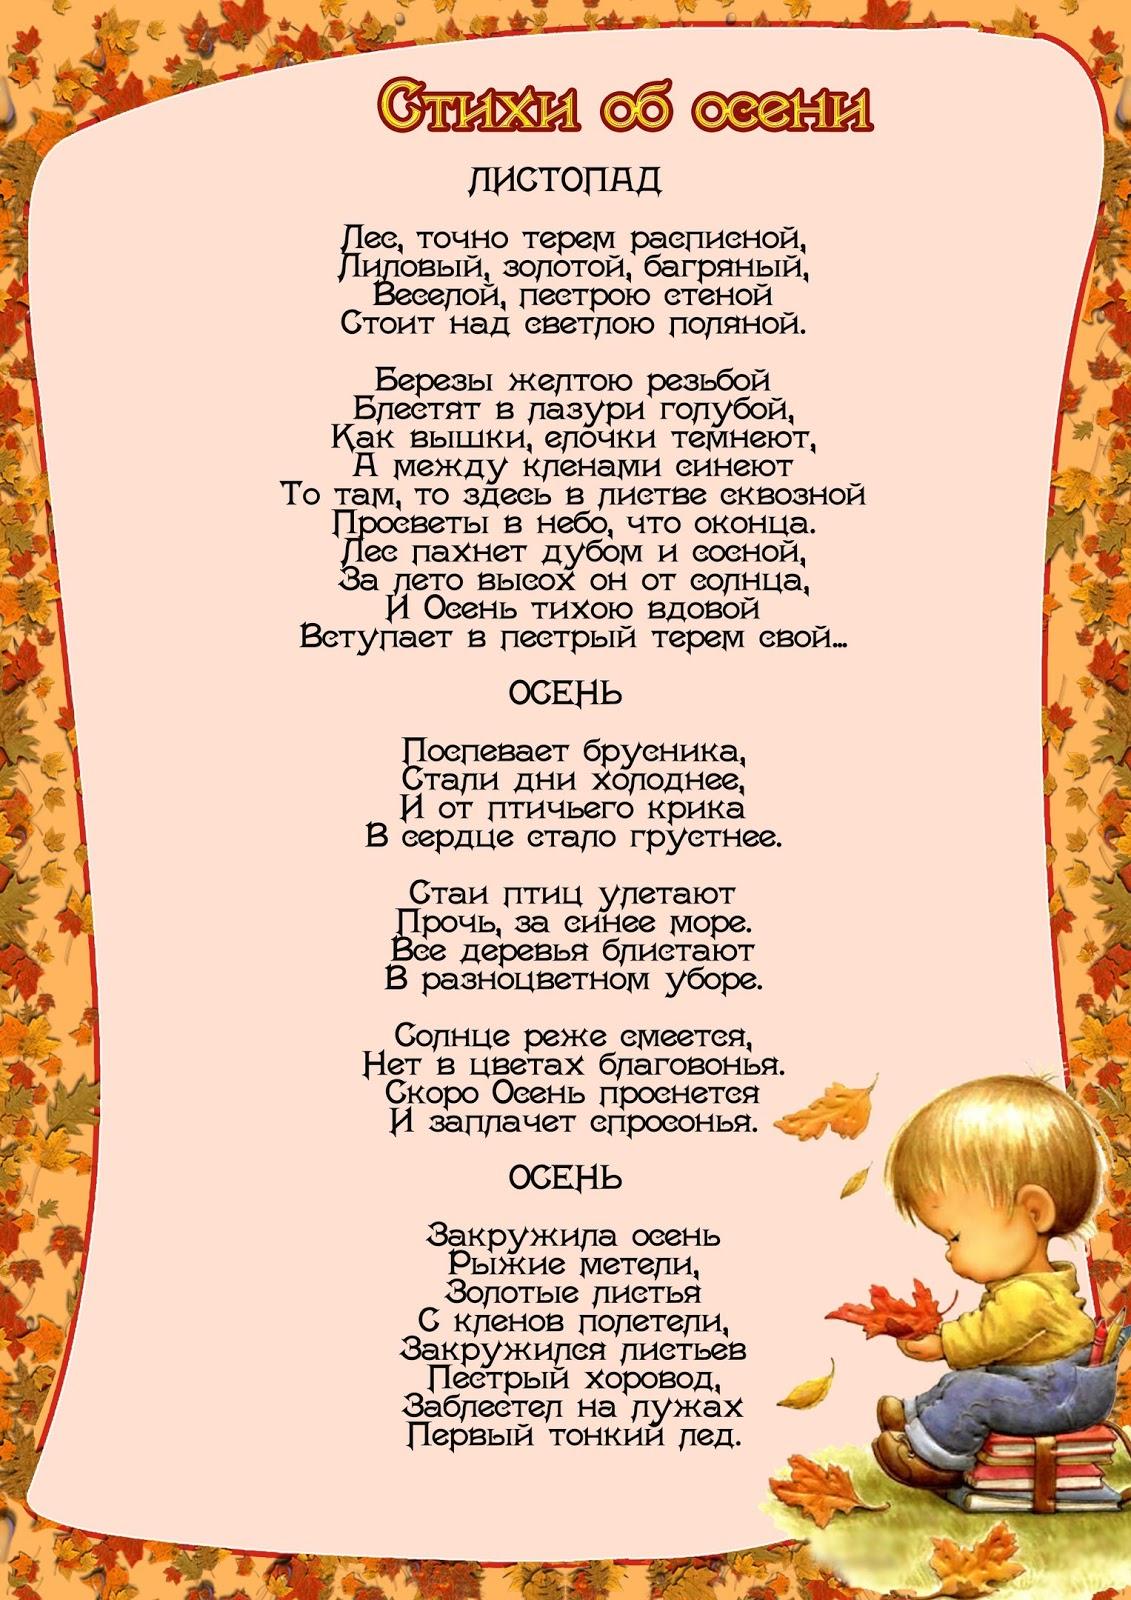 Стихи для осени в старшей группе детского сада